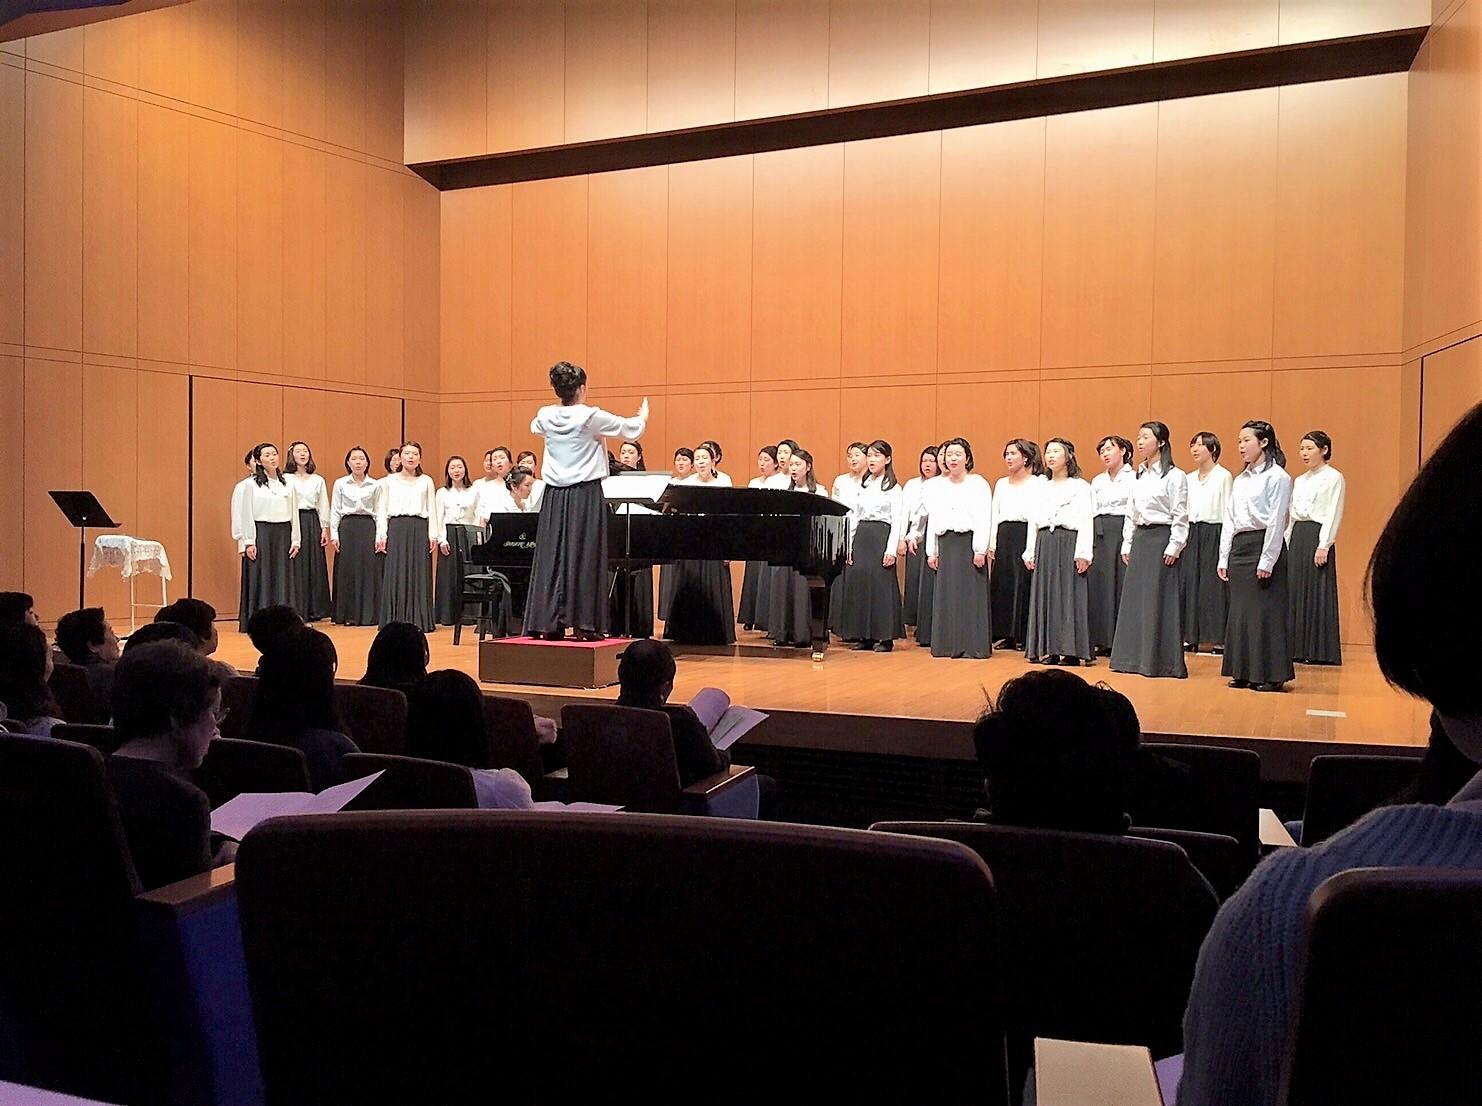 音楽教員養成コースの第10回定期演奏会が開催されました